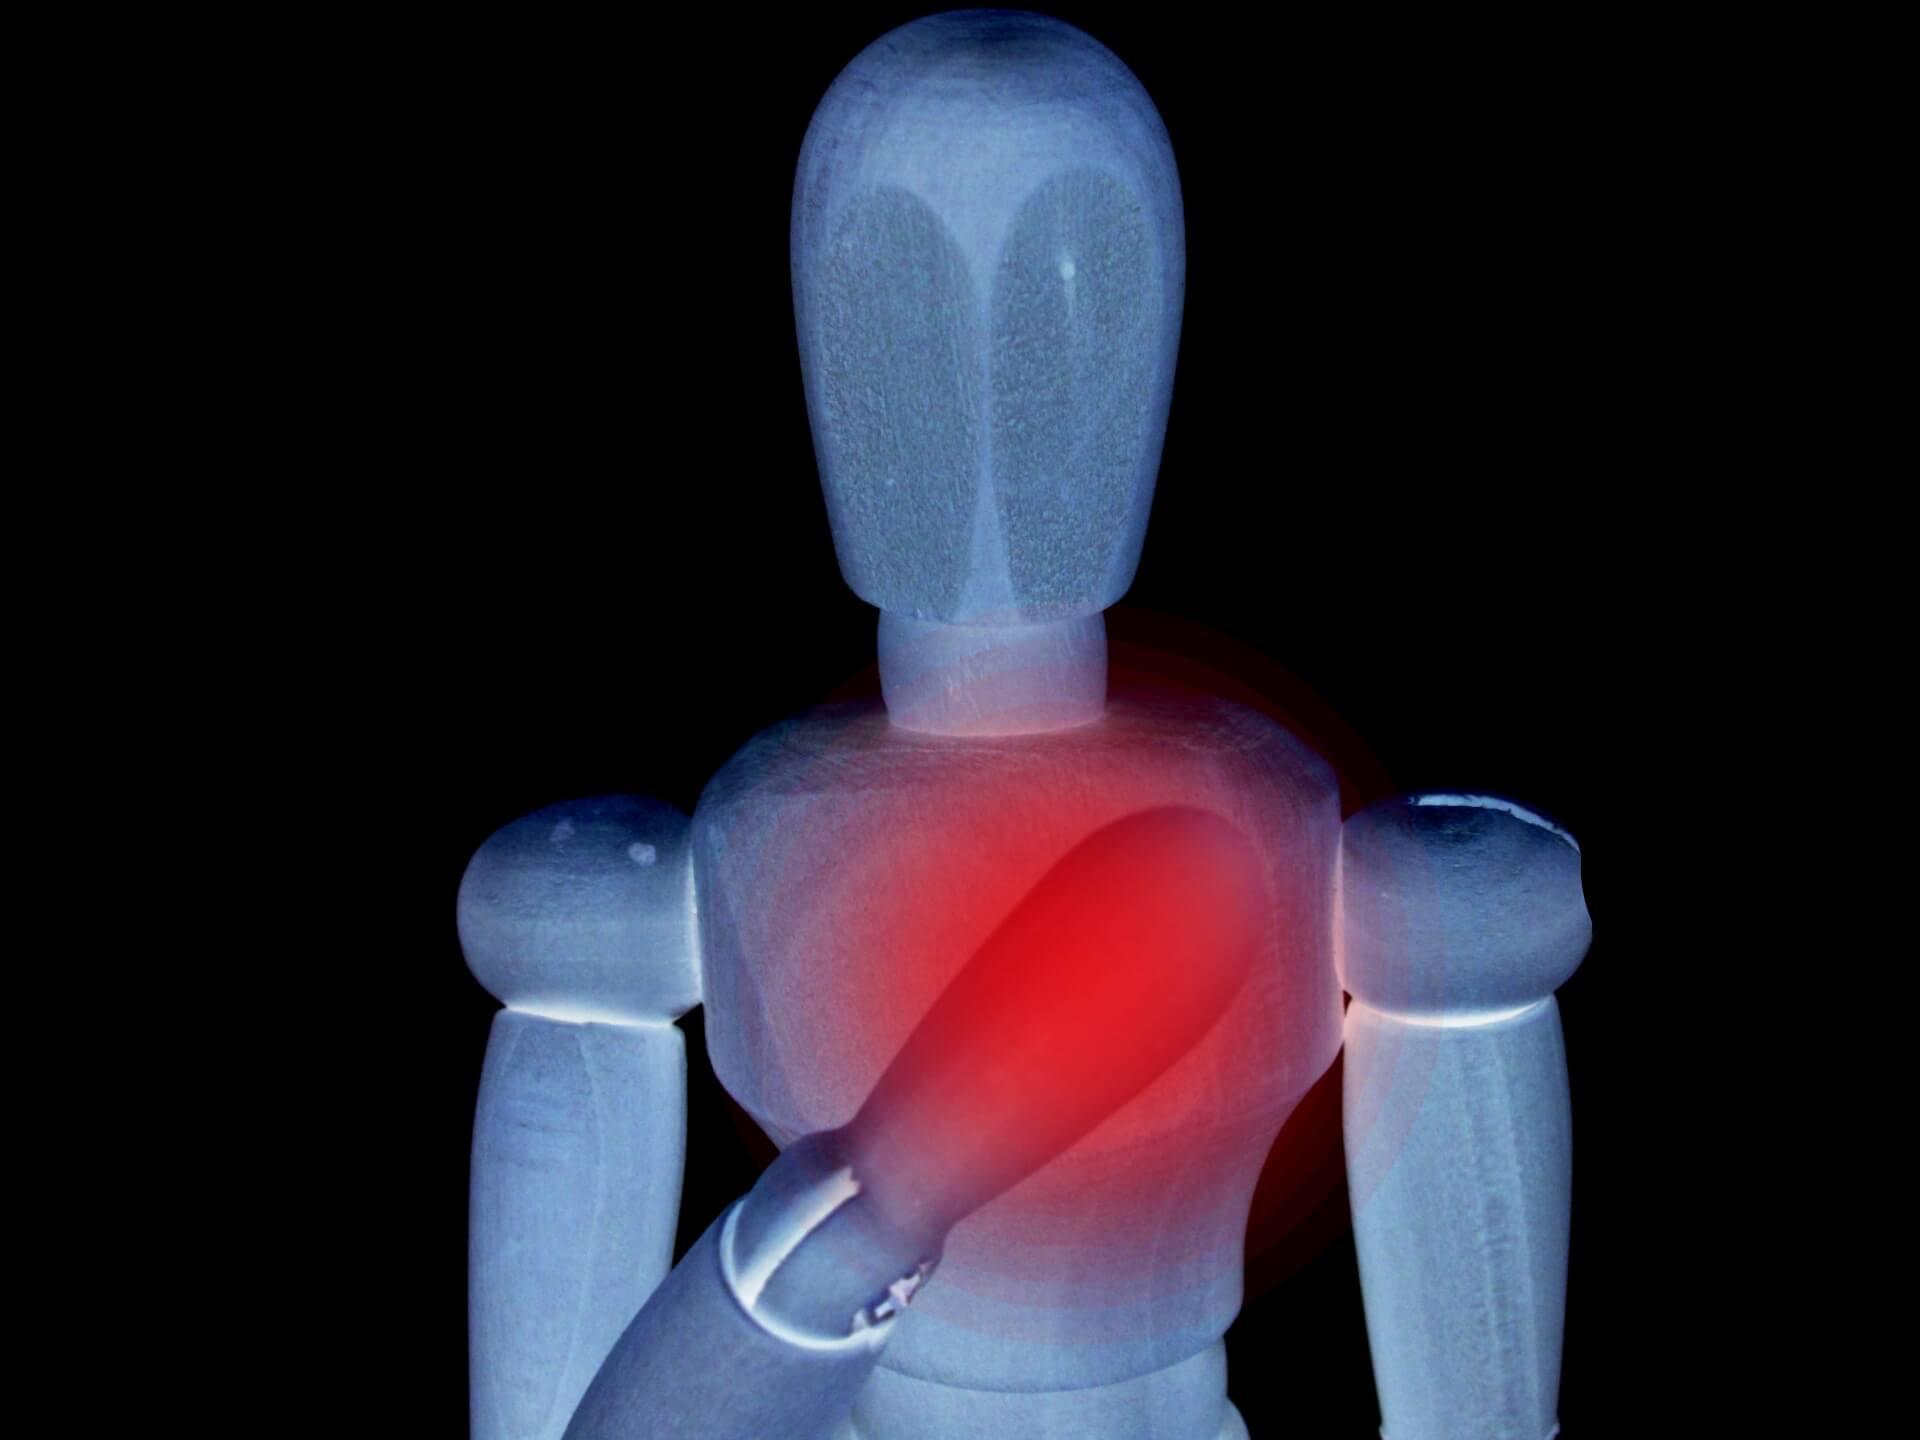 マラソン選手の心臓とハードな運動の危険性について